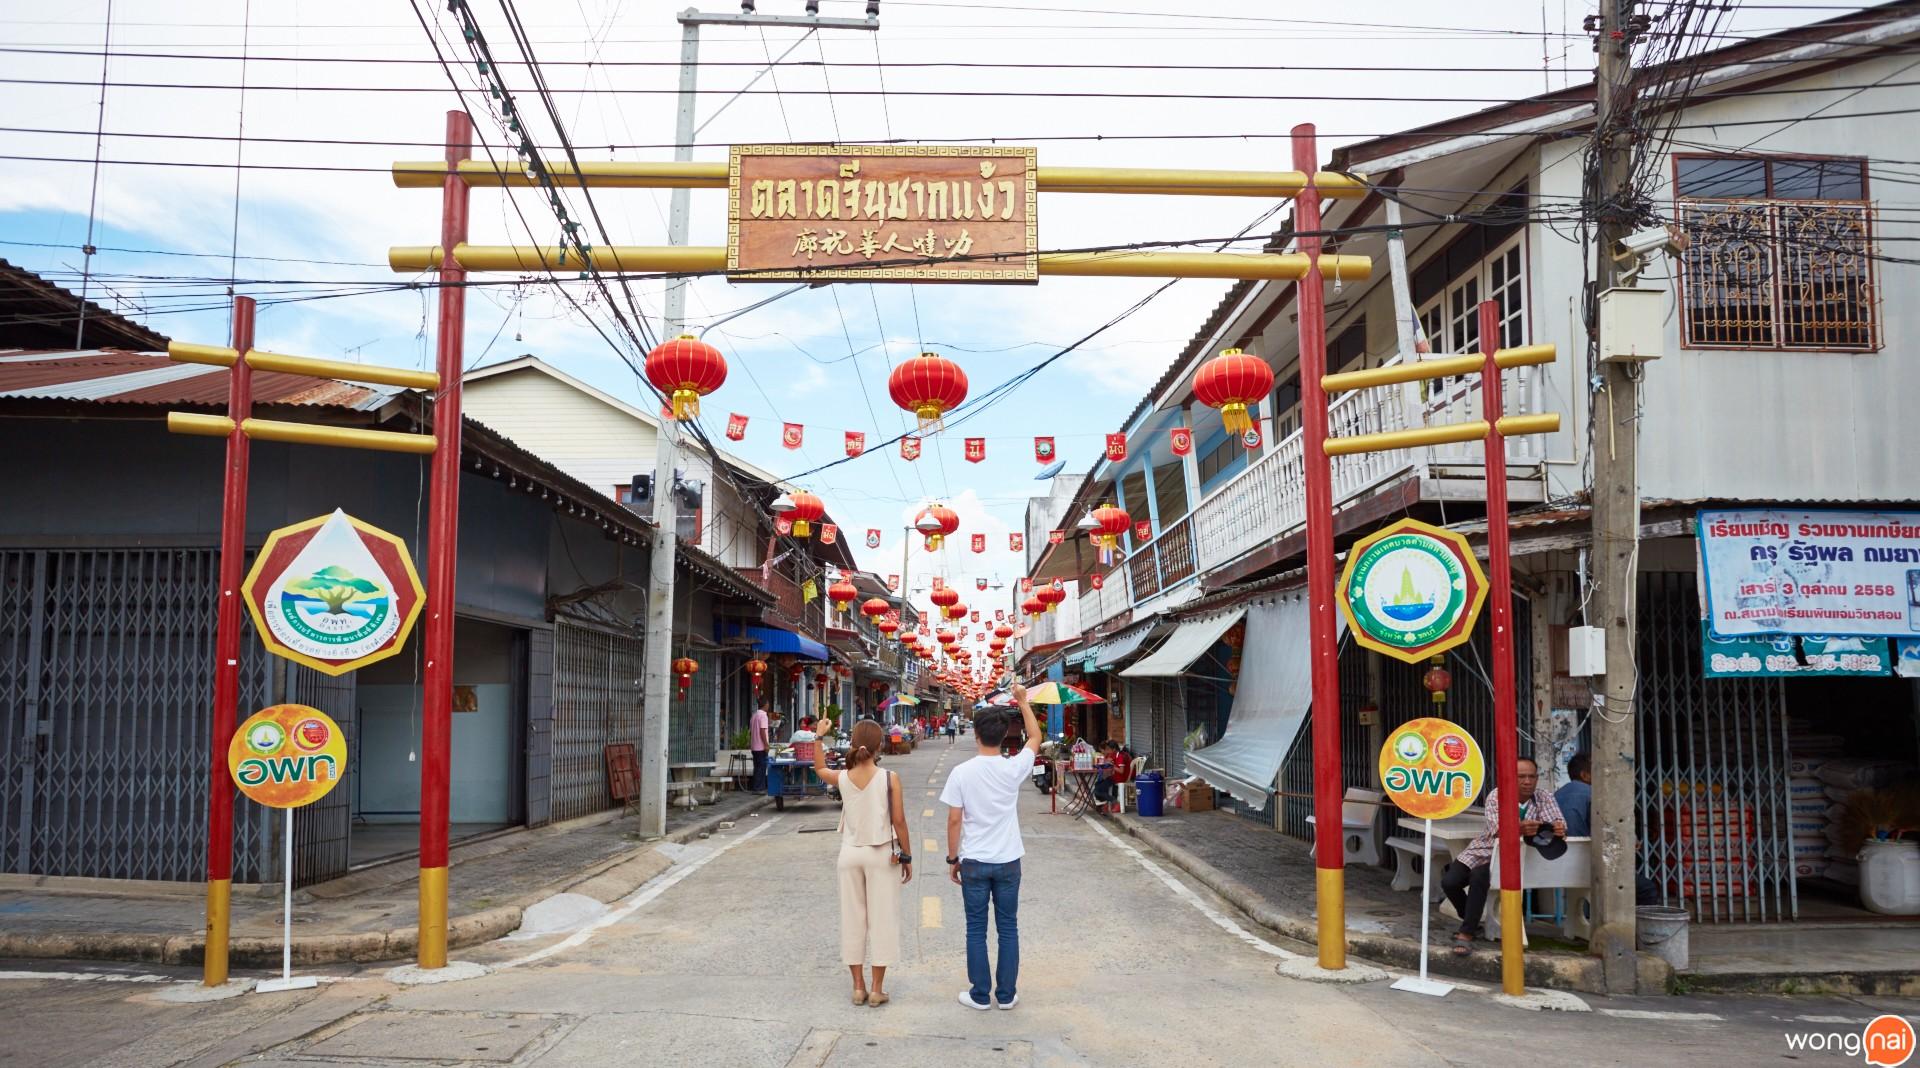 ตลาดจีนโบราณ ชากแง้ว ชลบุรี